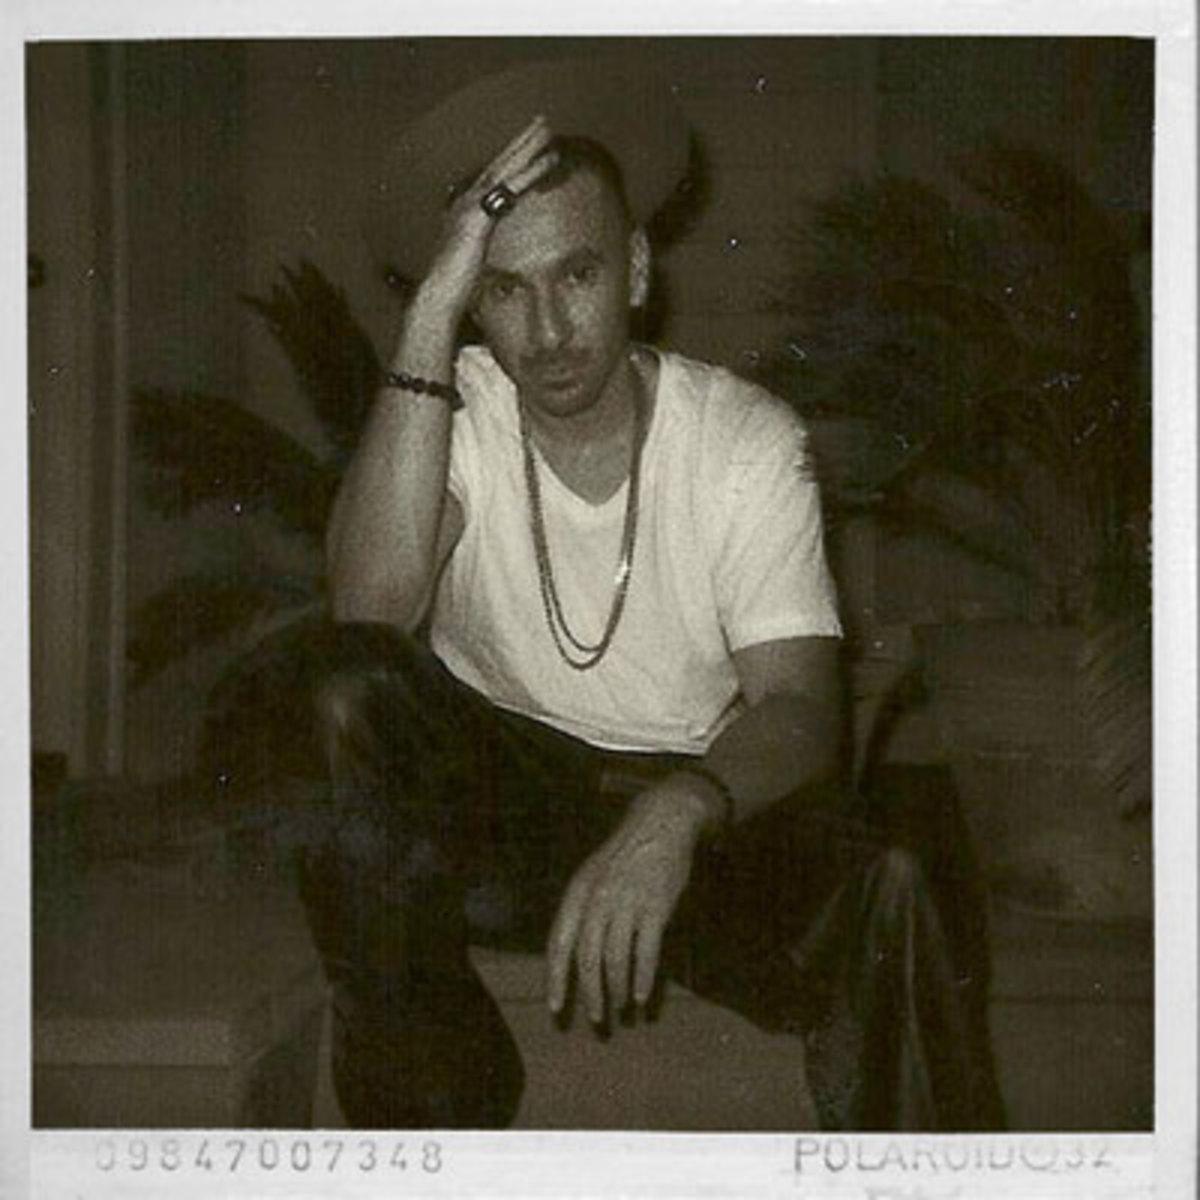 bennycassette-polaroid.jpg